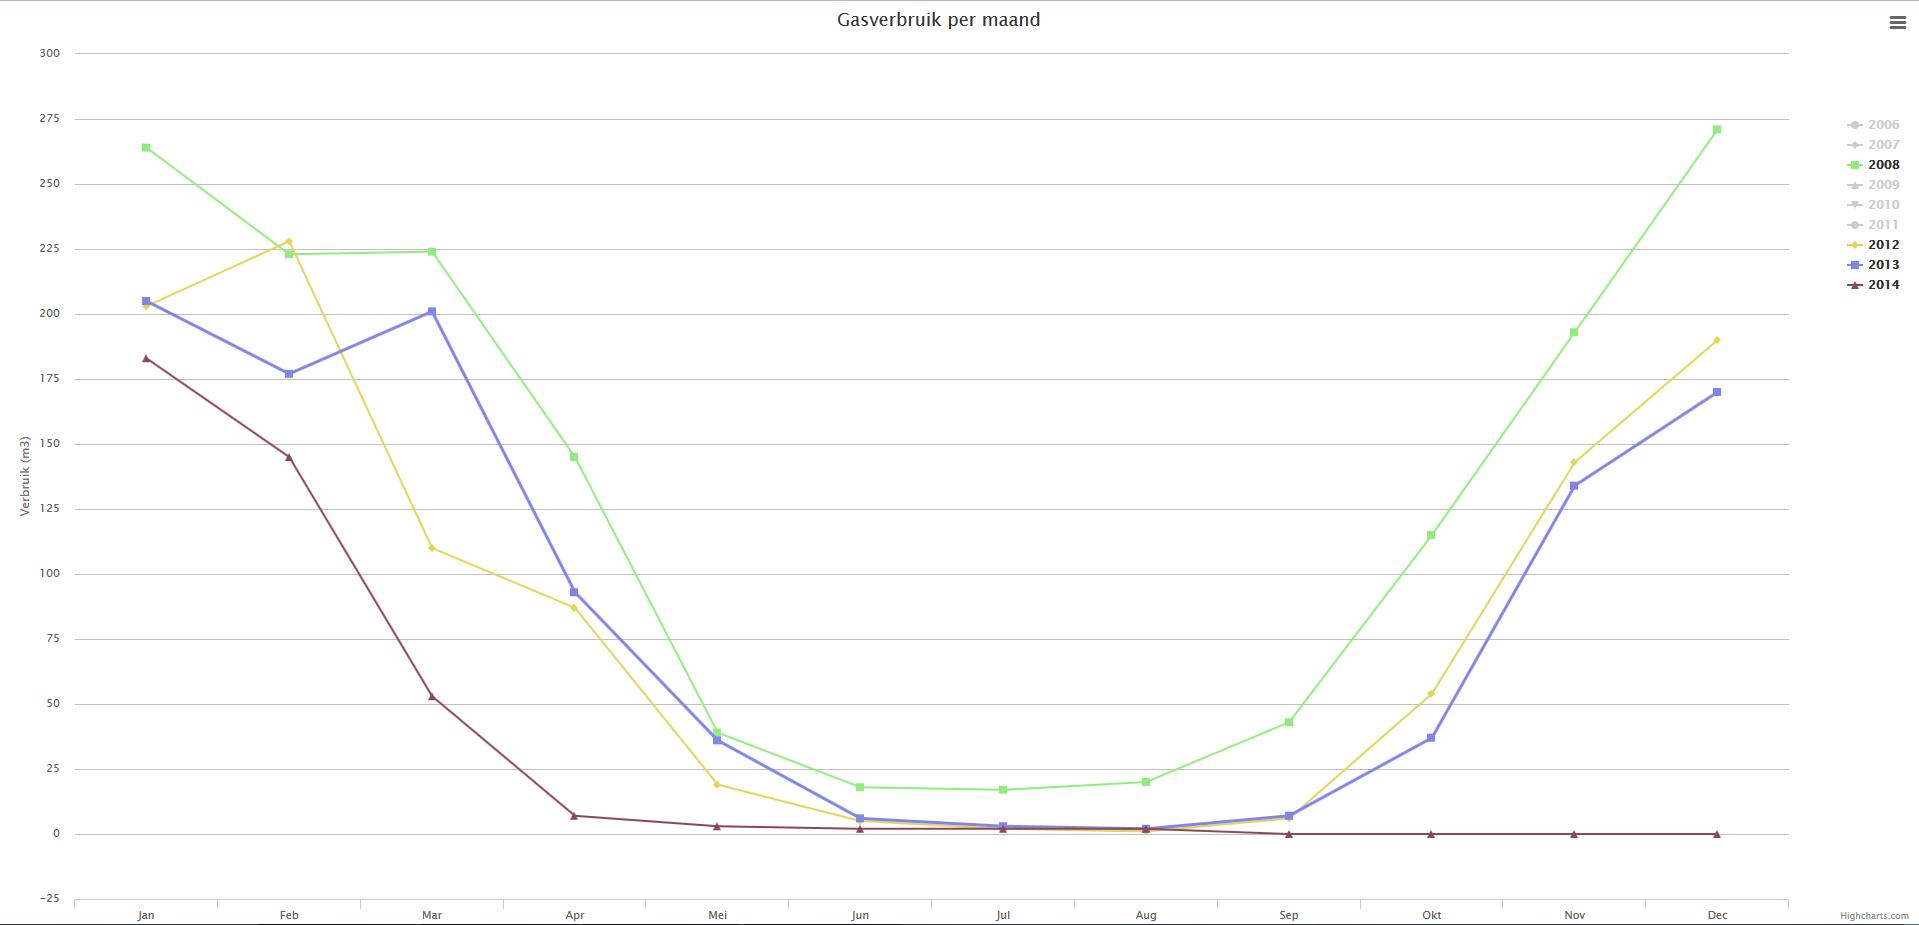 gasverbruik_per_maand